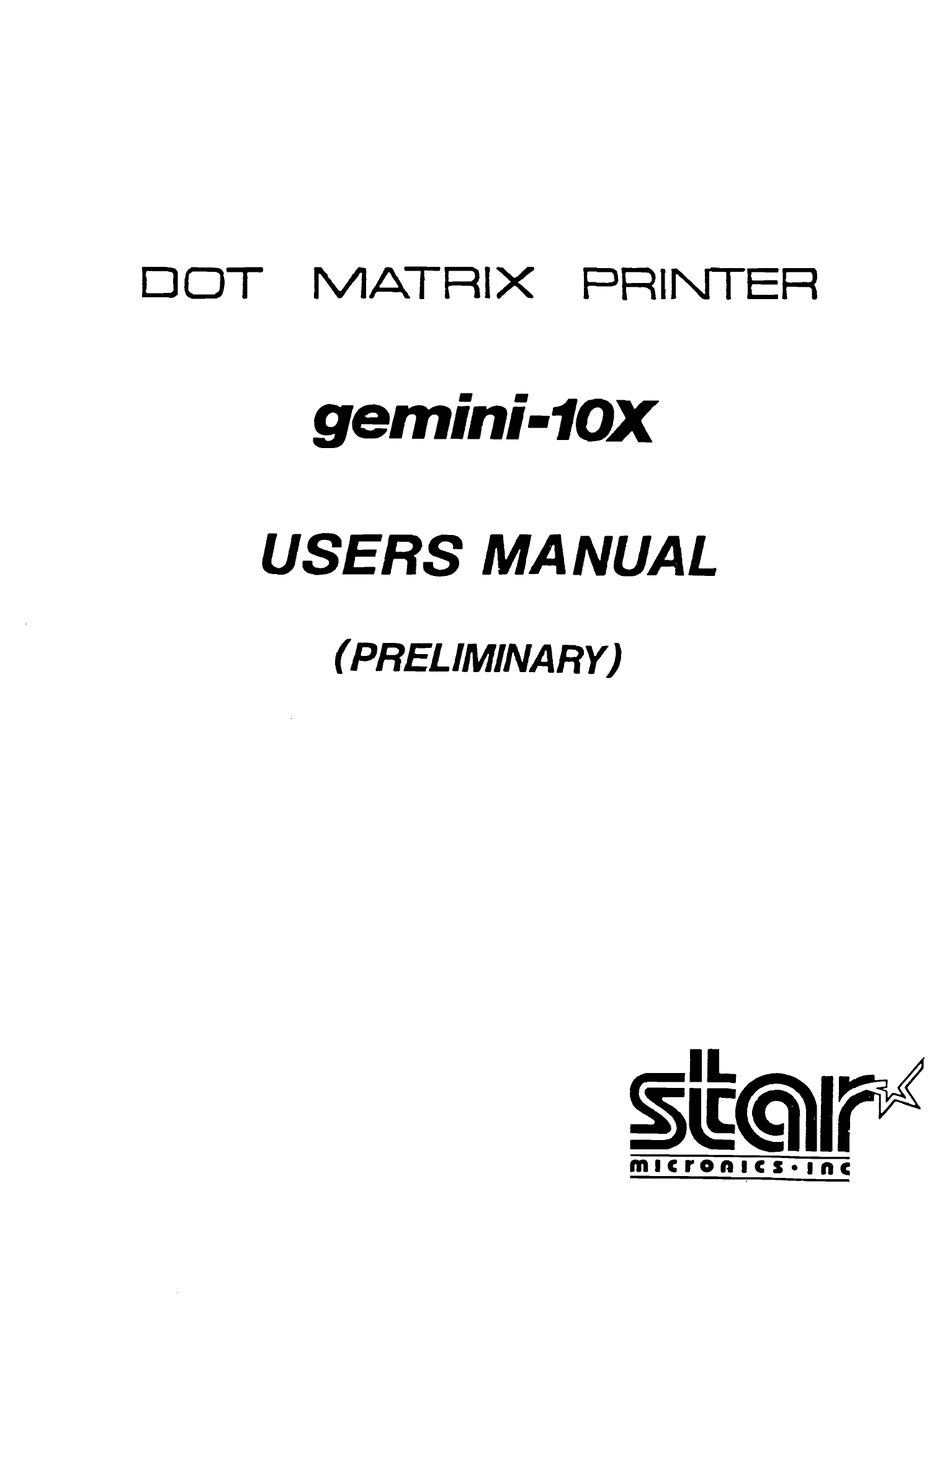 STAR MICRONICS GEMINI-10X USER MANUAL Pdf Download